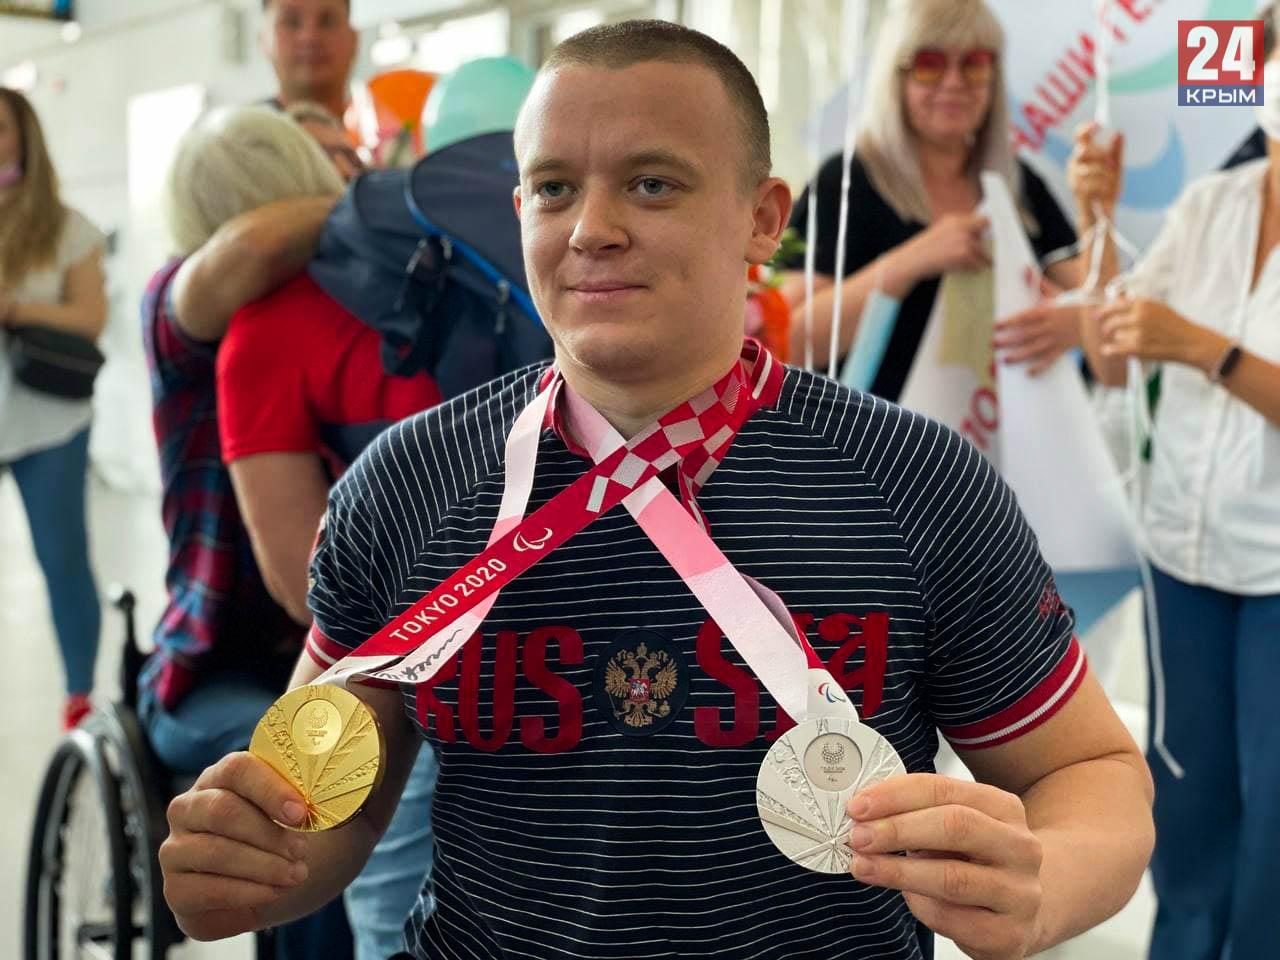 В Крыму торжественно встретили севастопольского пловца, который завоевал золото на Паралимпиаде в Токио